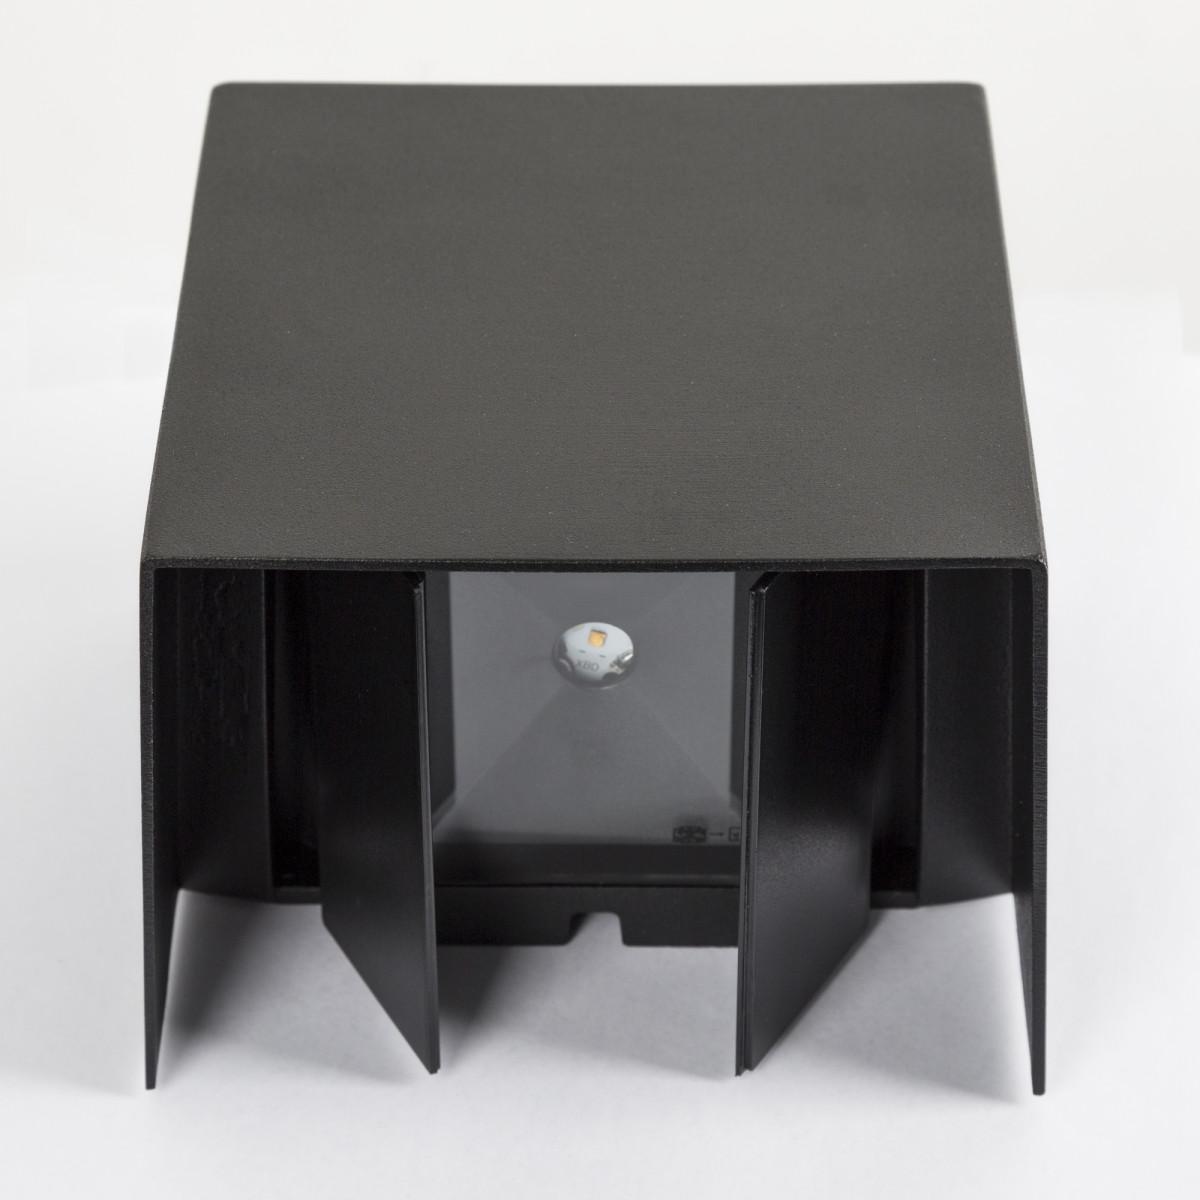 Modernen Wandleuchte Channel II LED Schwarz  Wandstrahler hat 4 Klappen, mit denen Sie sowohl den oberen und unteren Lichtstrahls einstellen können, verbauten LED's